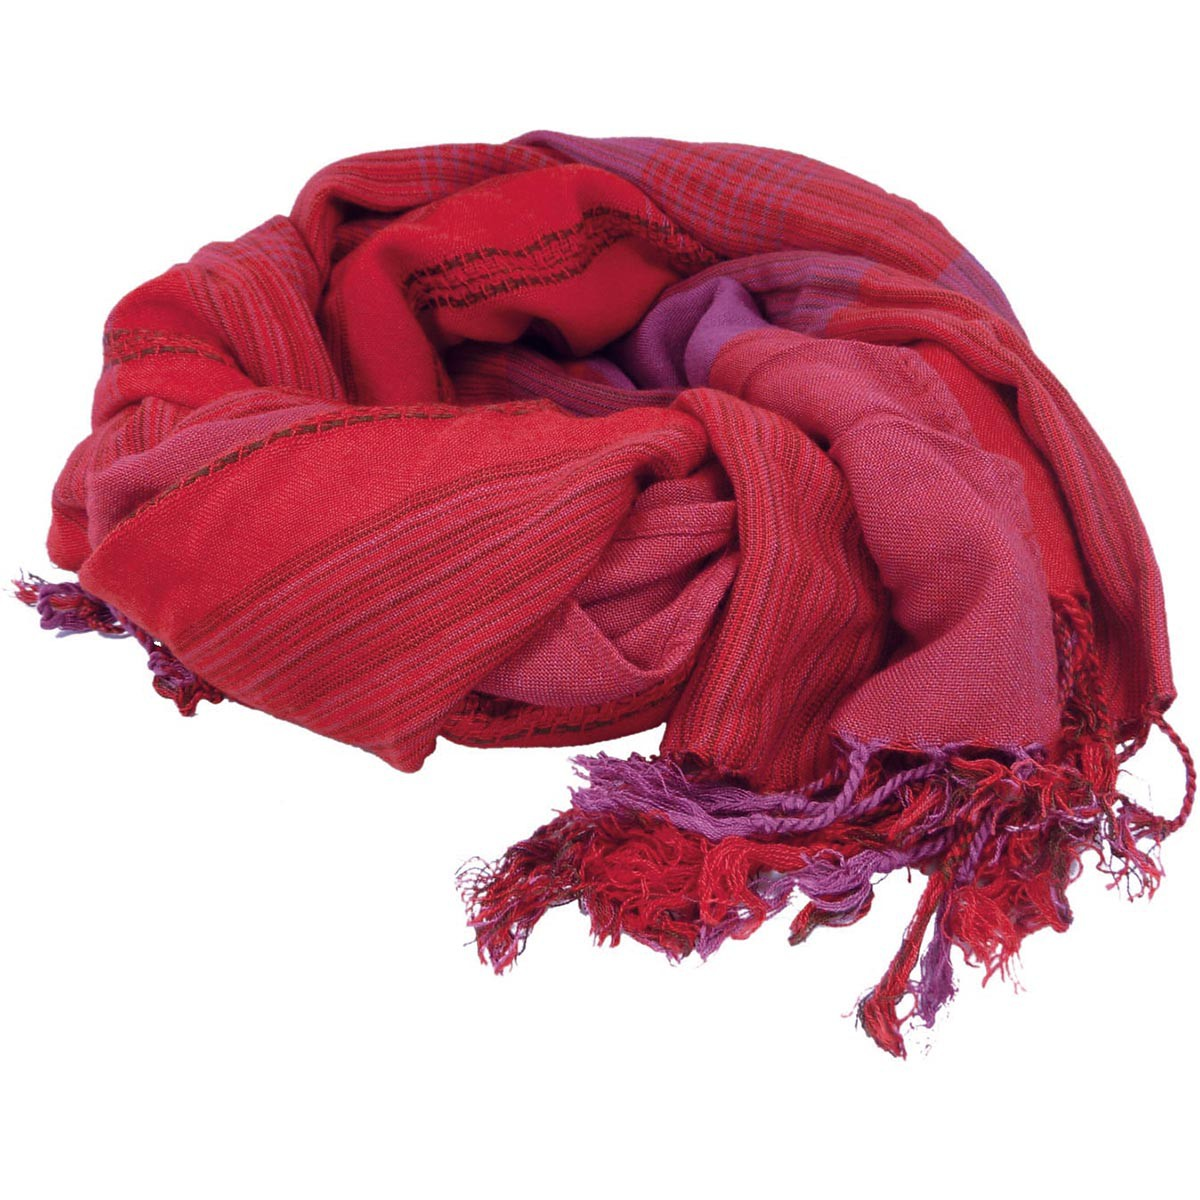 Wunderschöne Top Schals Ideal für die etwas kältere Jahrezeit in div Farben